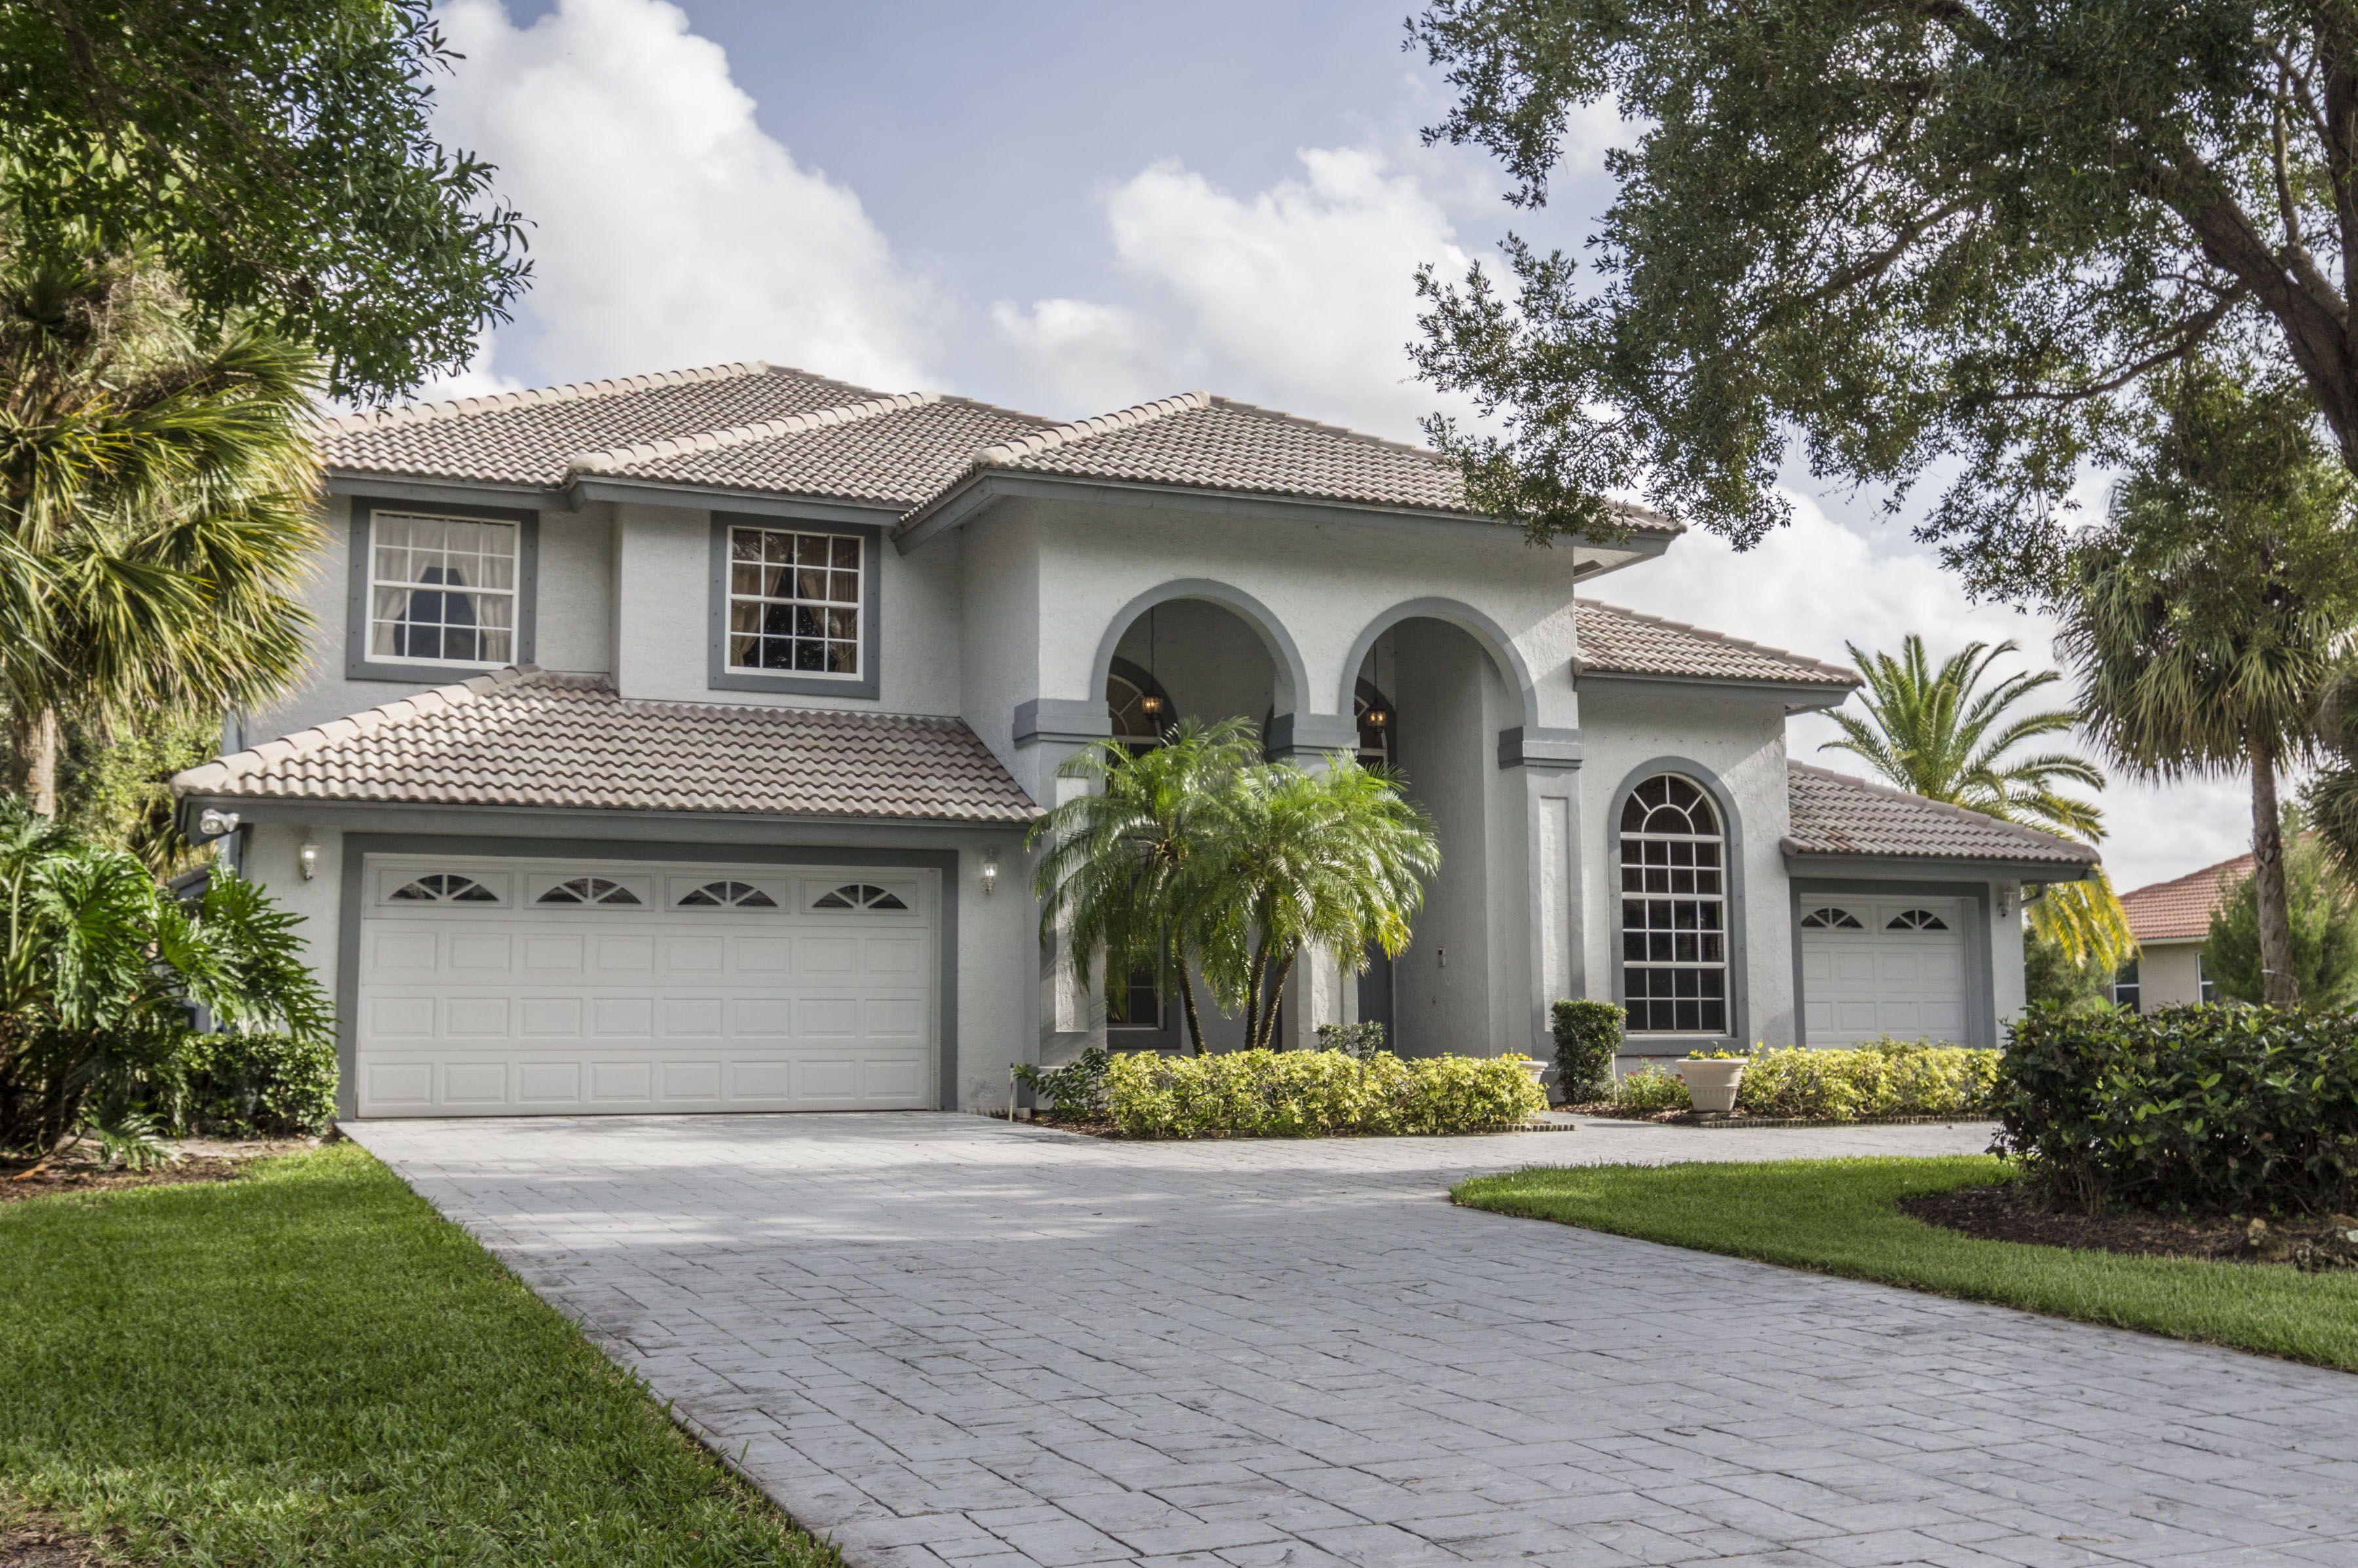 b60b0ff93478295e0b93a30ea015eb99 - New Construction Houses In Palm Beach Gardens